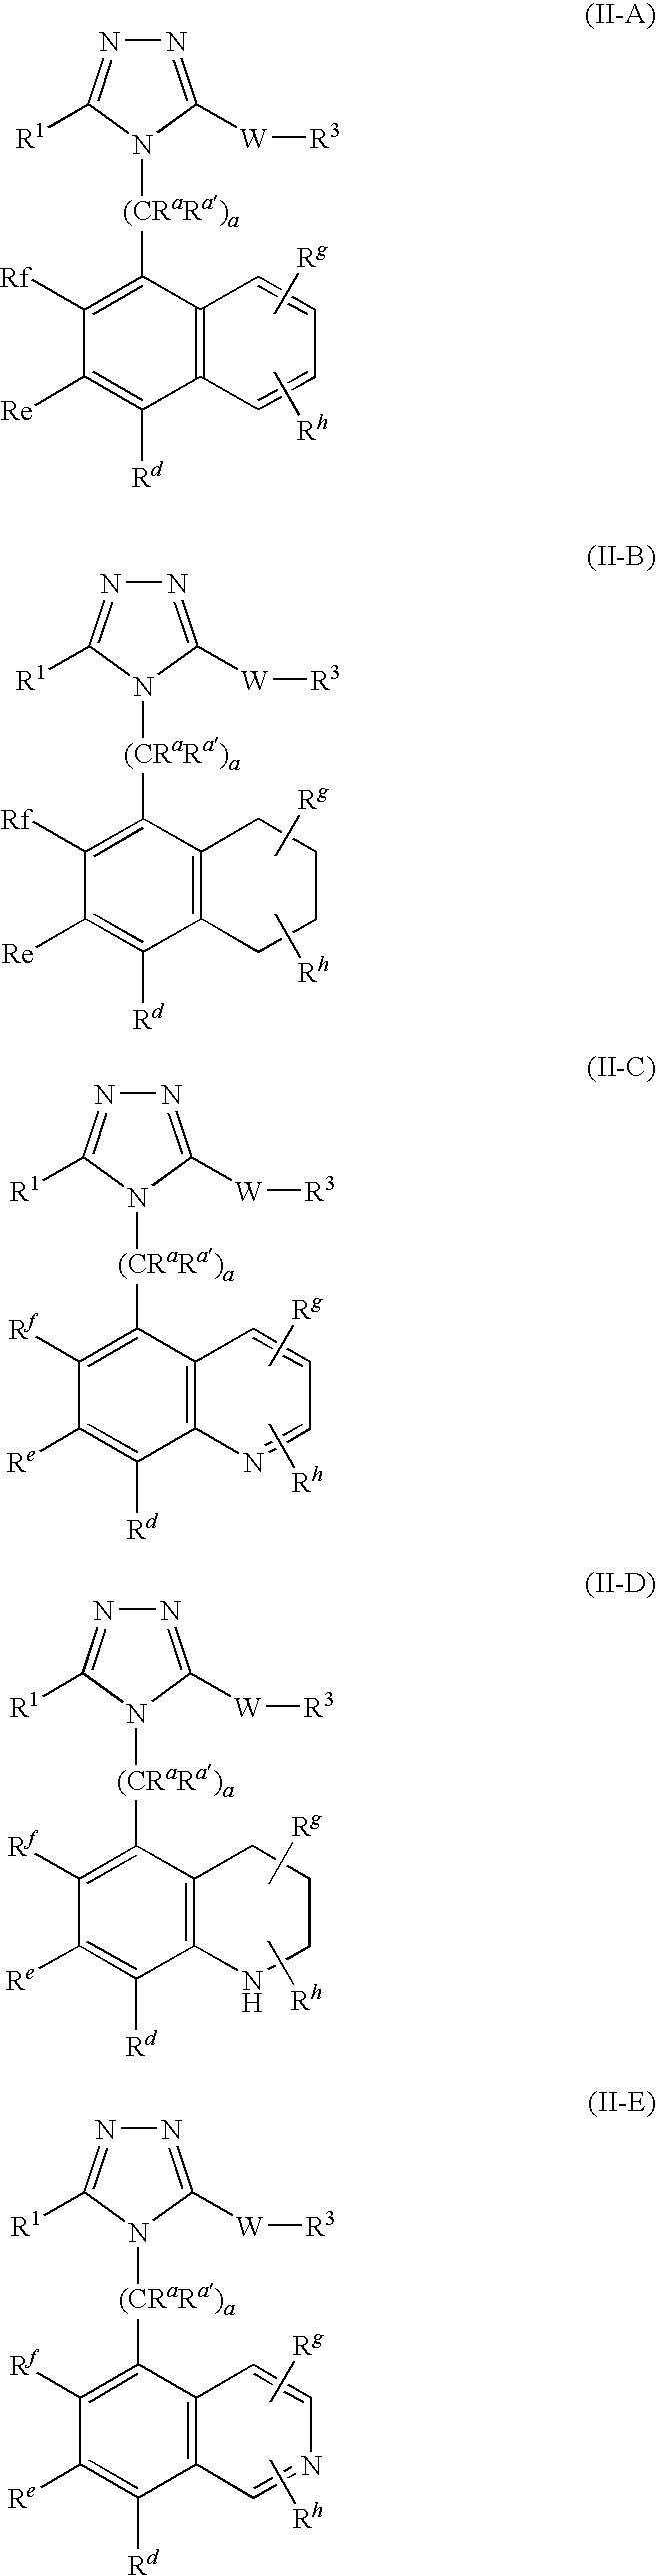 Figure US08242154-20120814-C00043